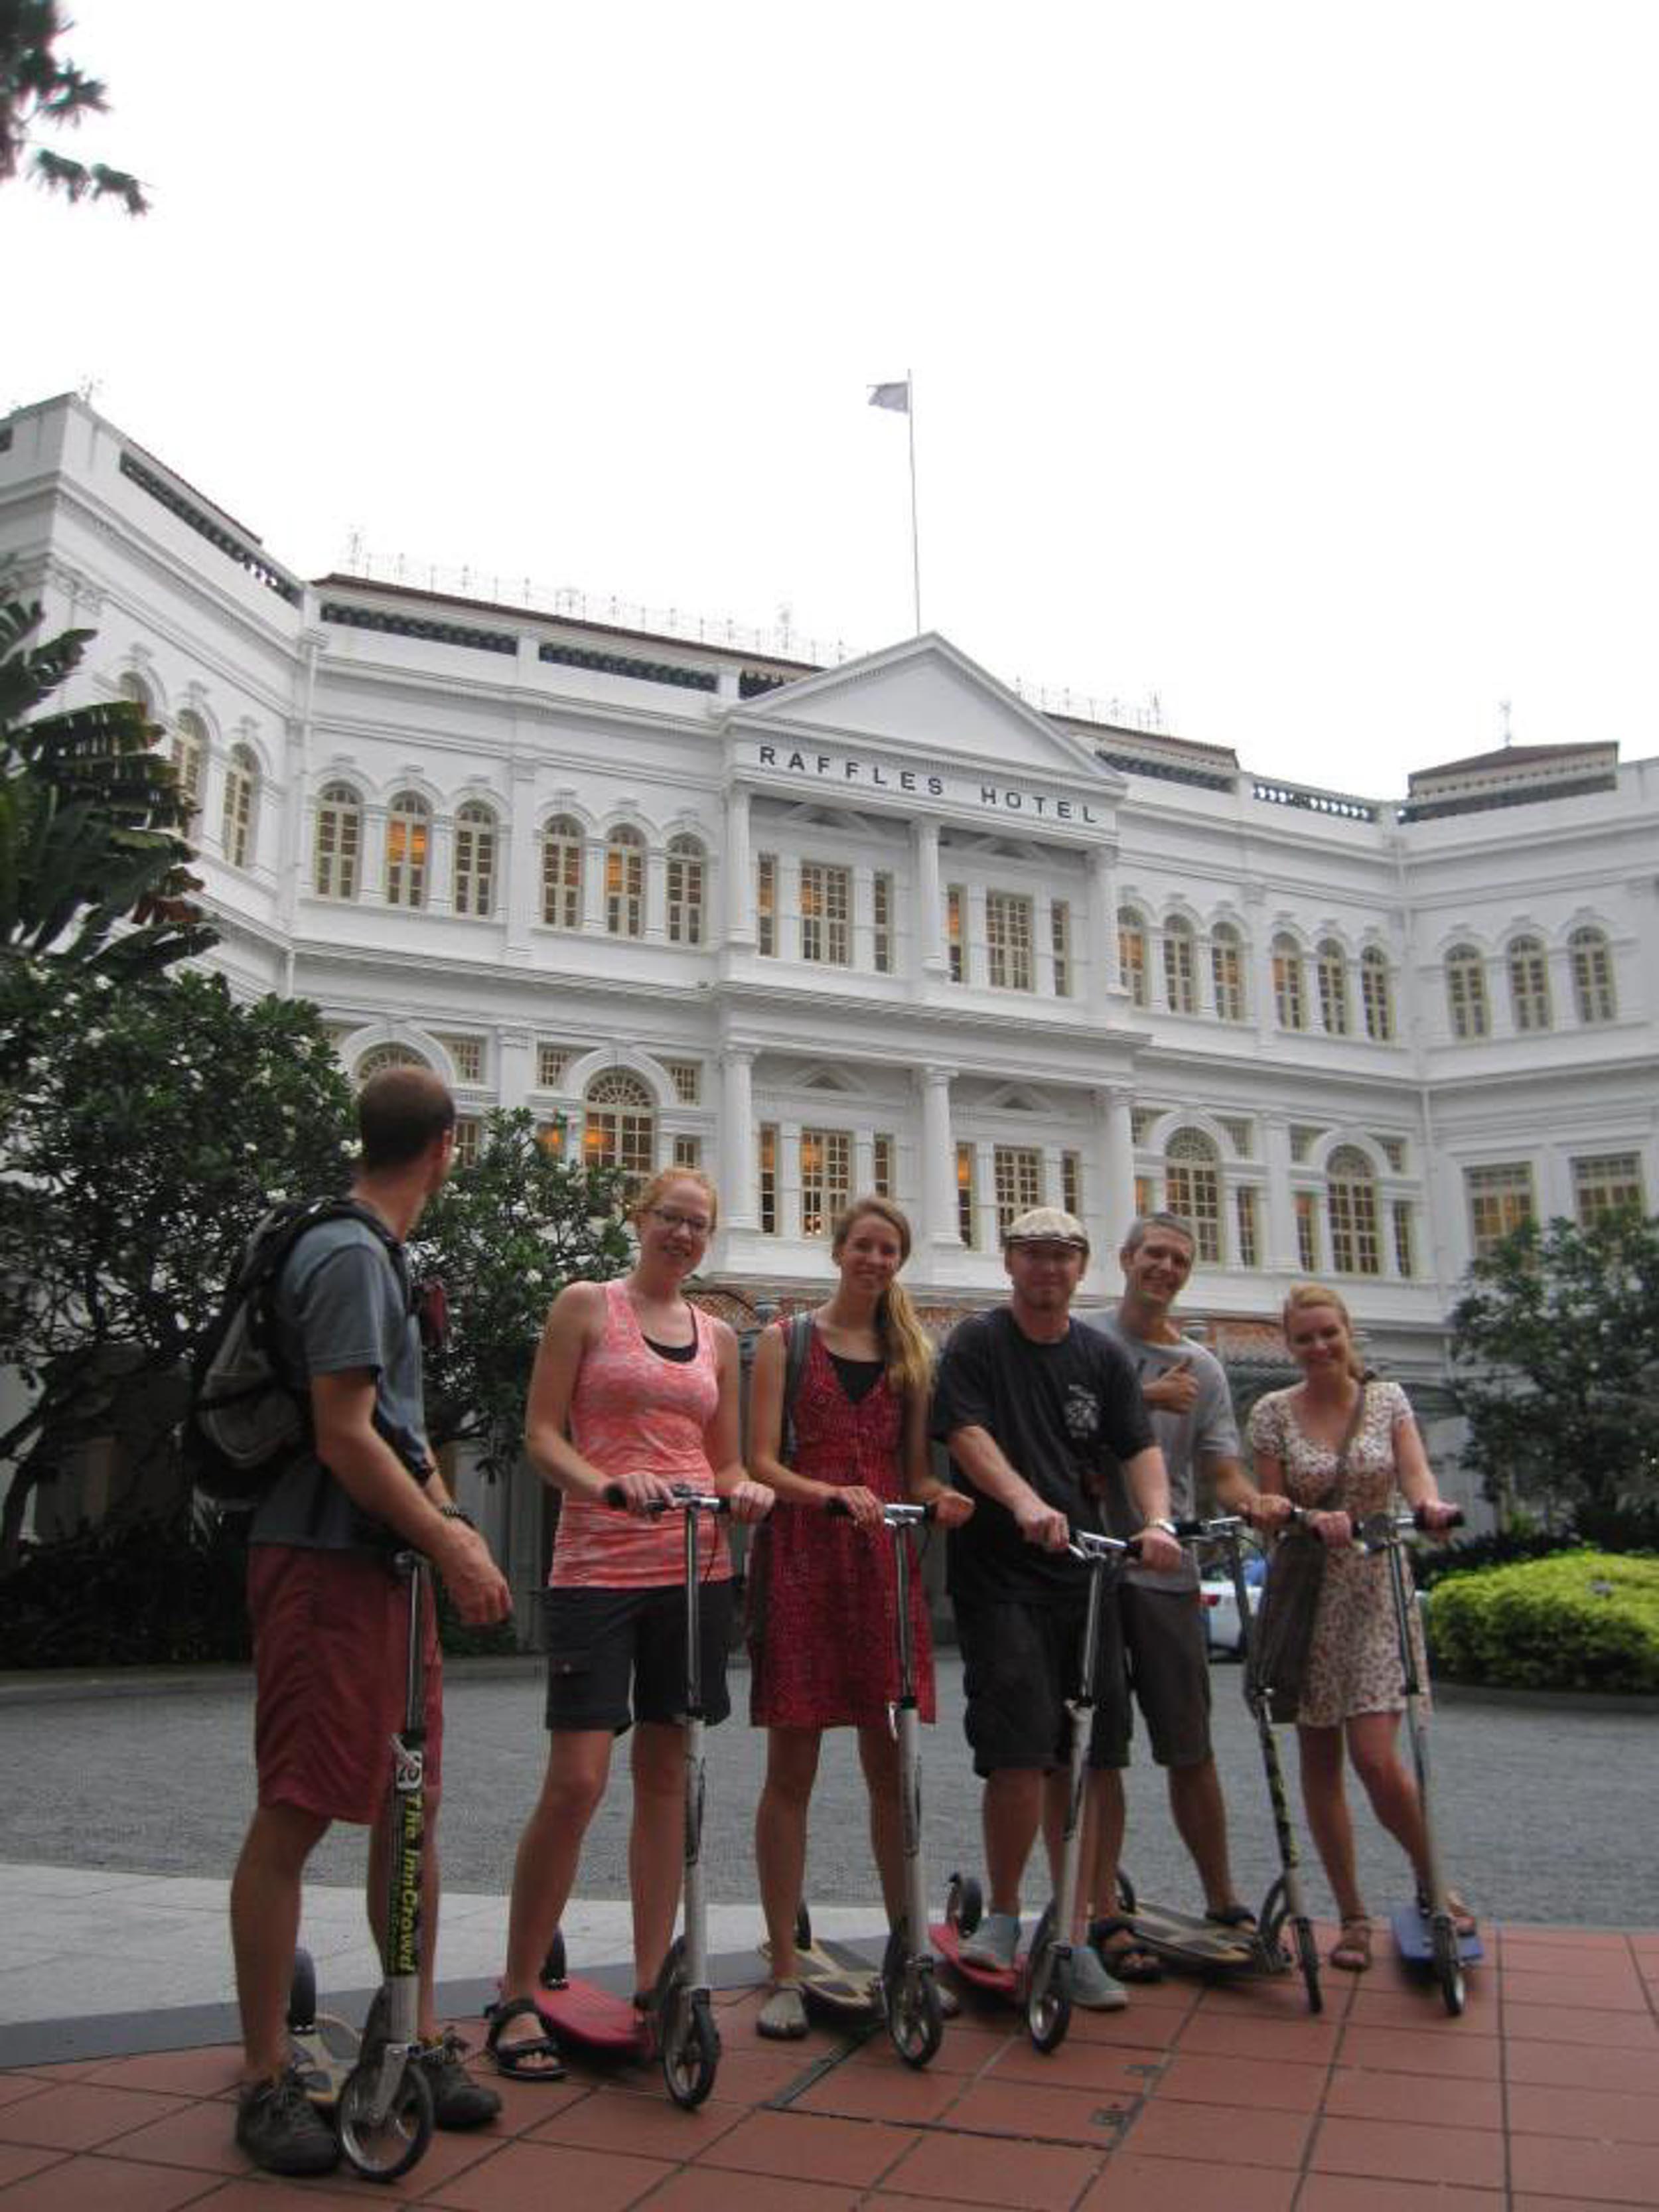 scooters-raffles-hotel.jpg